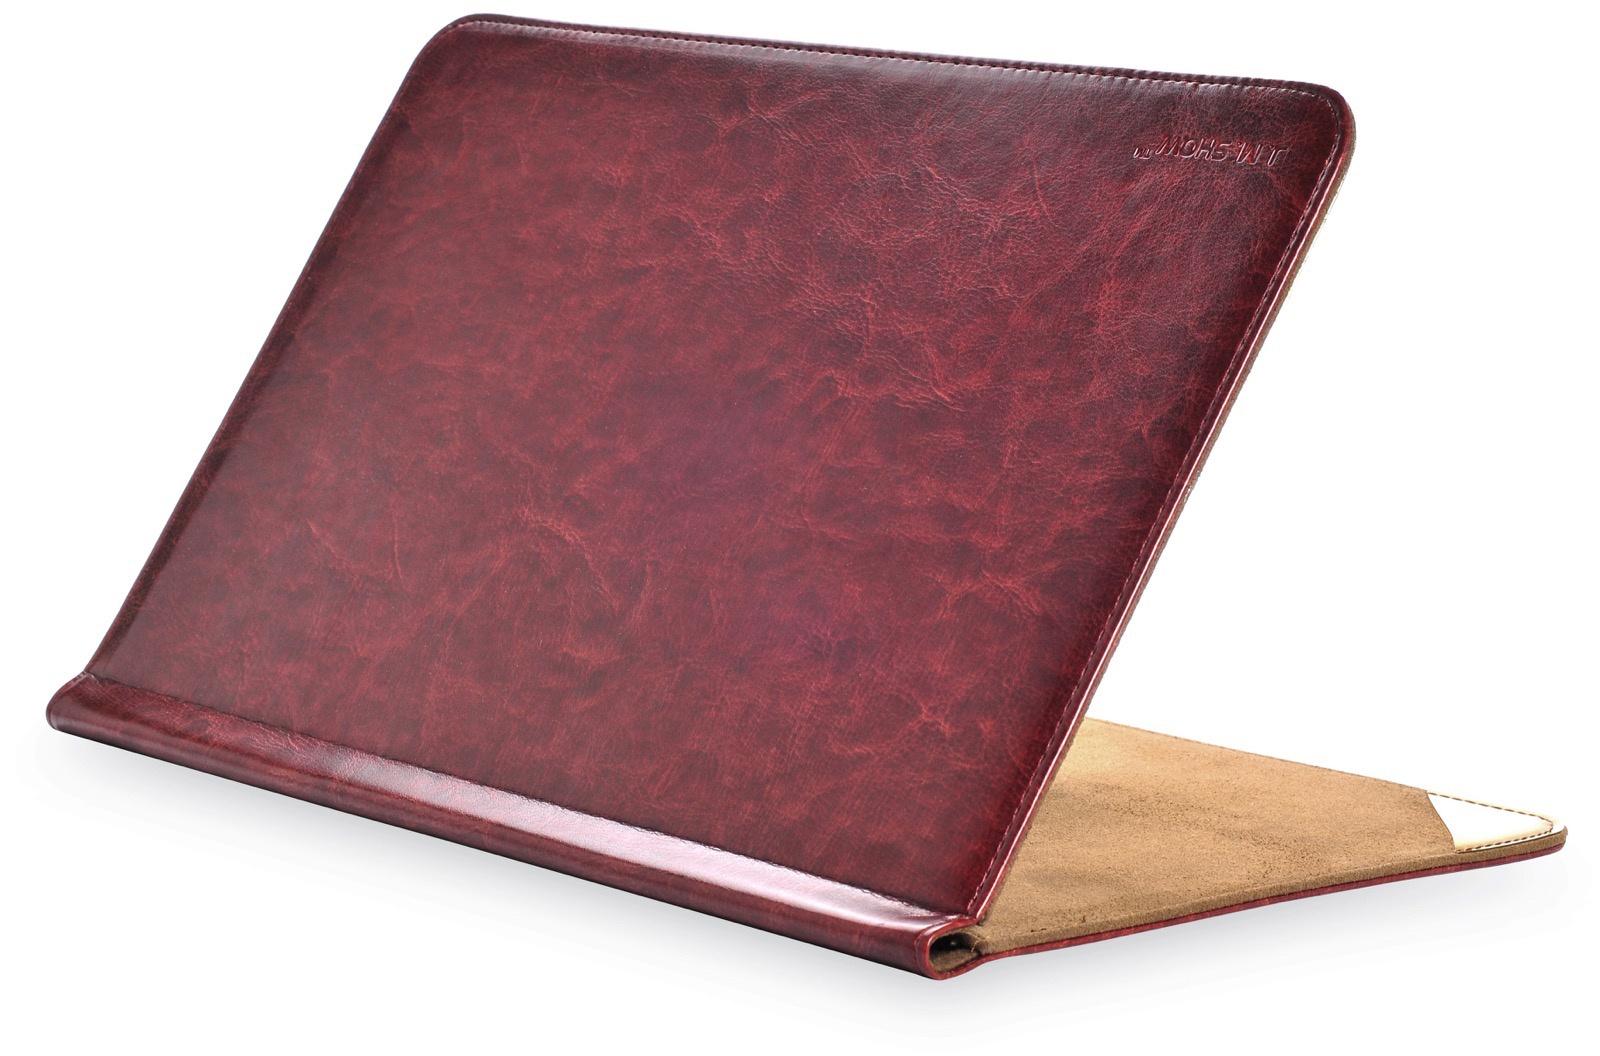 Чехол для ноутбука Gurdini J.M.Show книжка кожа 220057 для MacBook Air 11 ,220057, коричневый крышка ноутбука